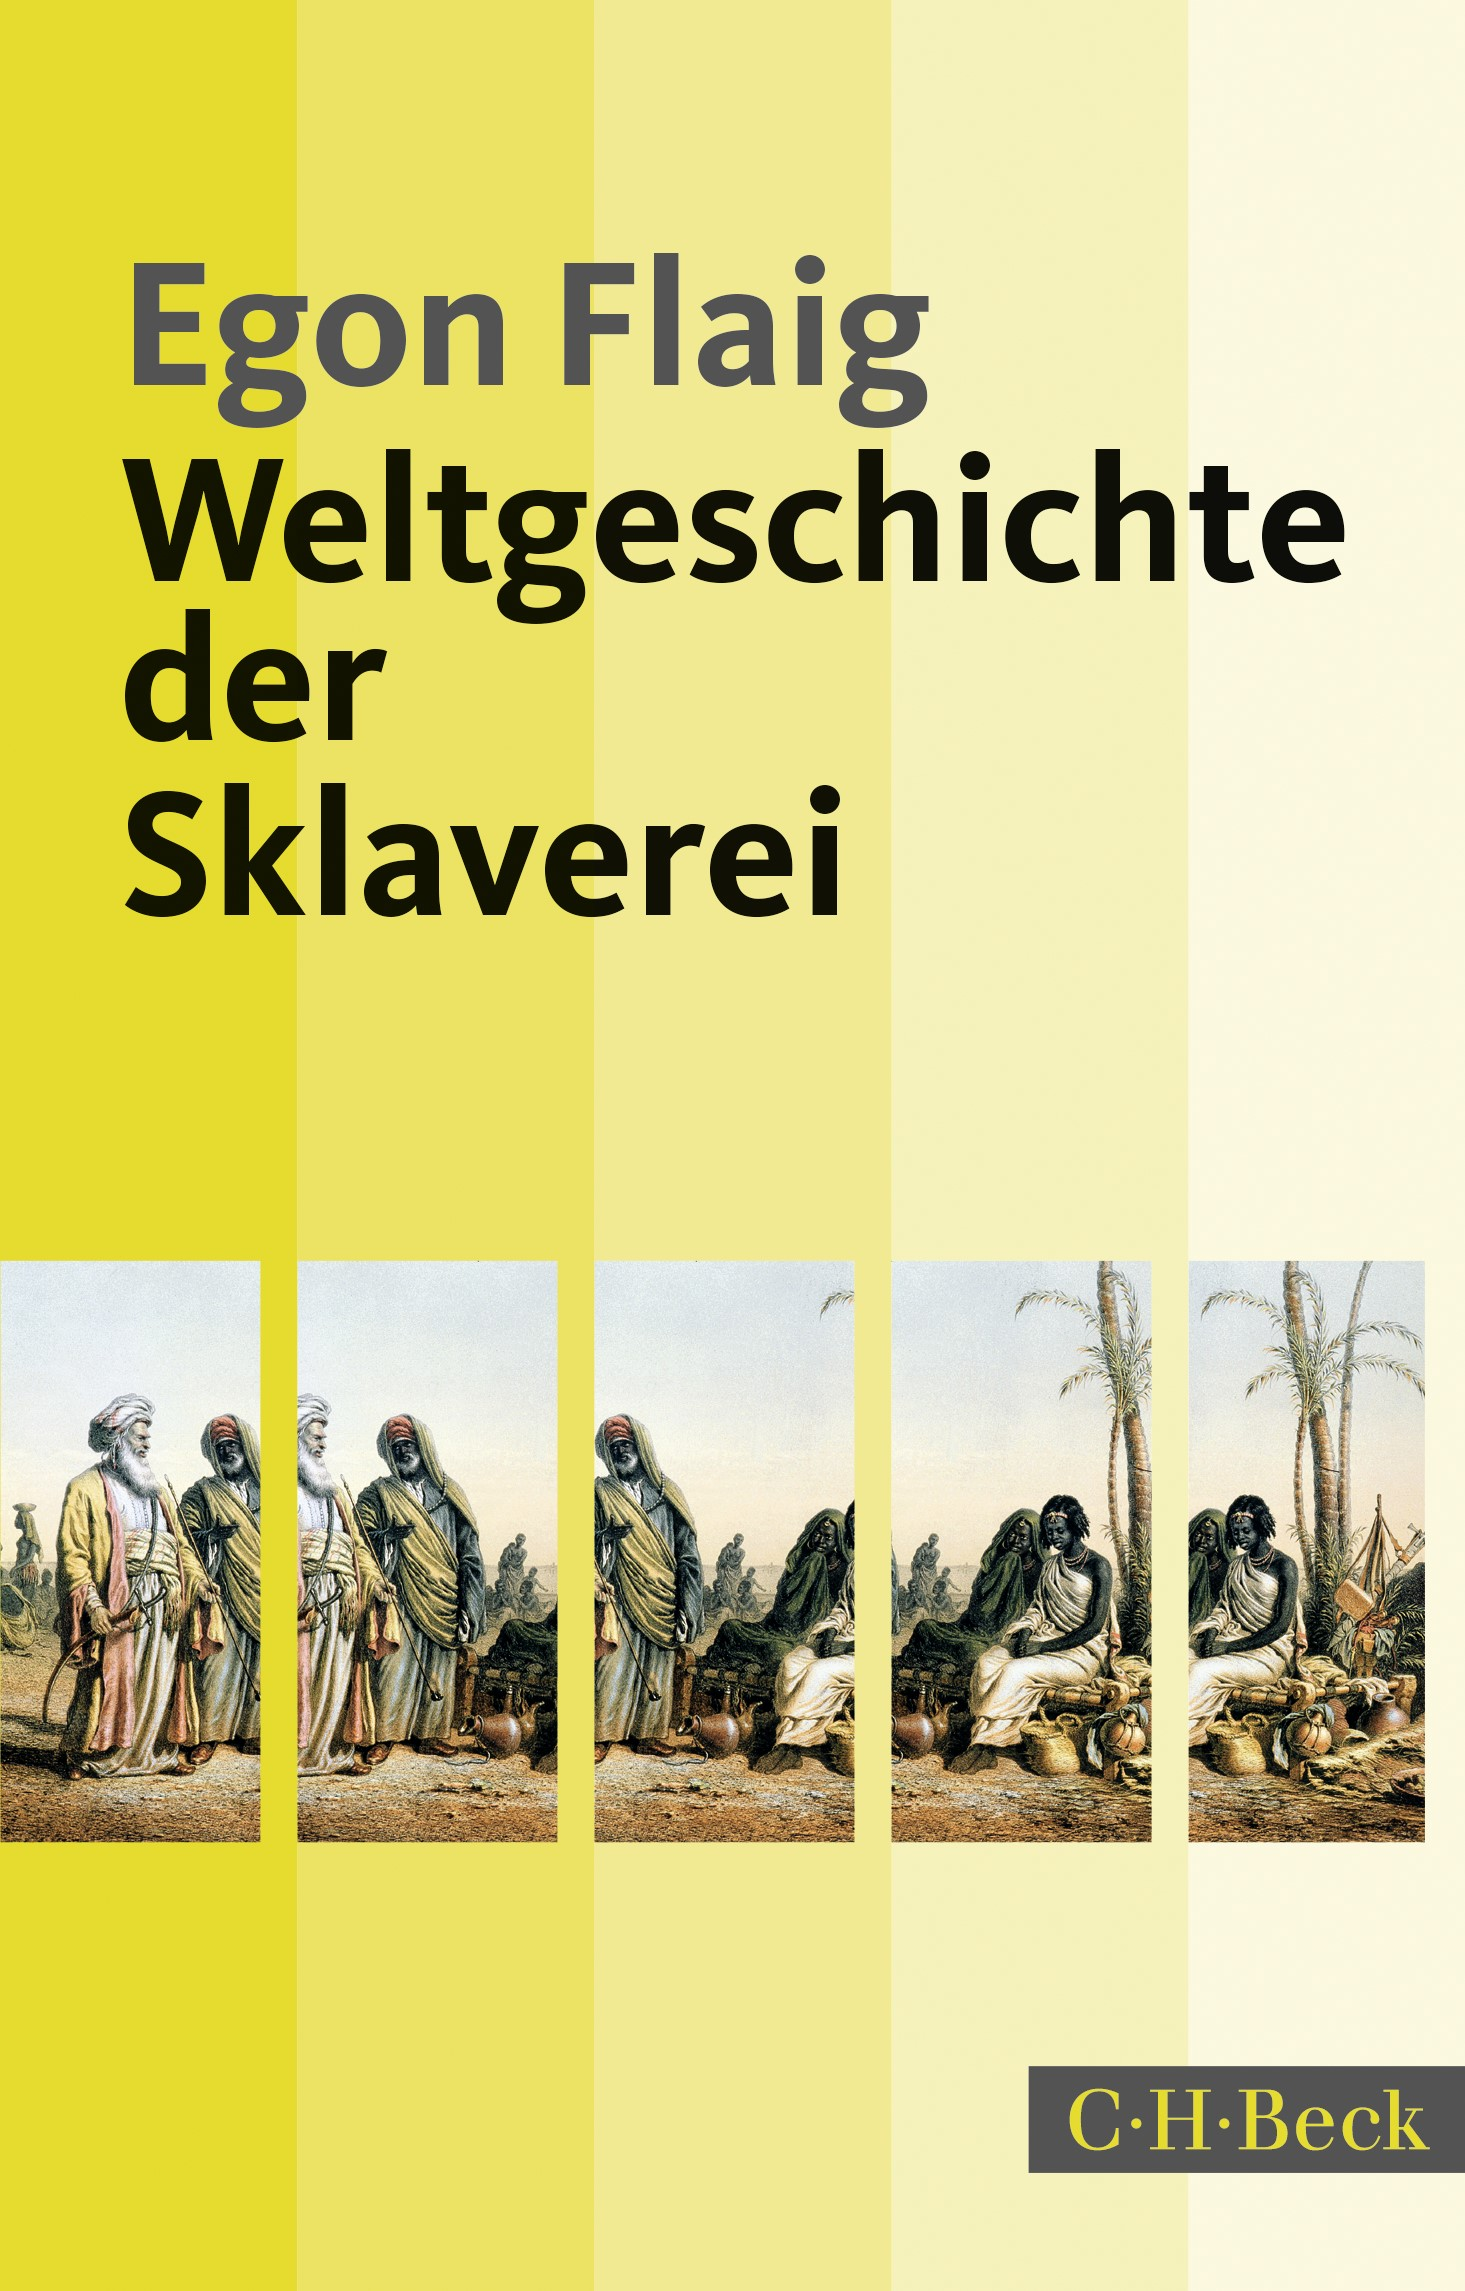 Weltgeschichte der Sklaverei | Flaig, Egon | 3., durchgesehene und erweiterte Auflage, 2018 | Buch (Cover)